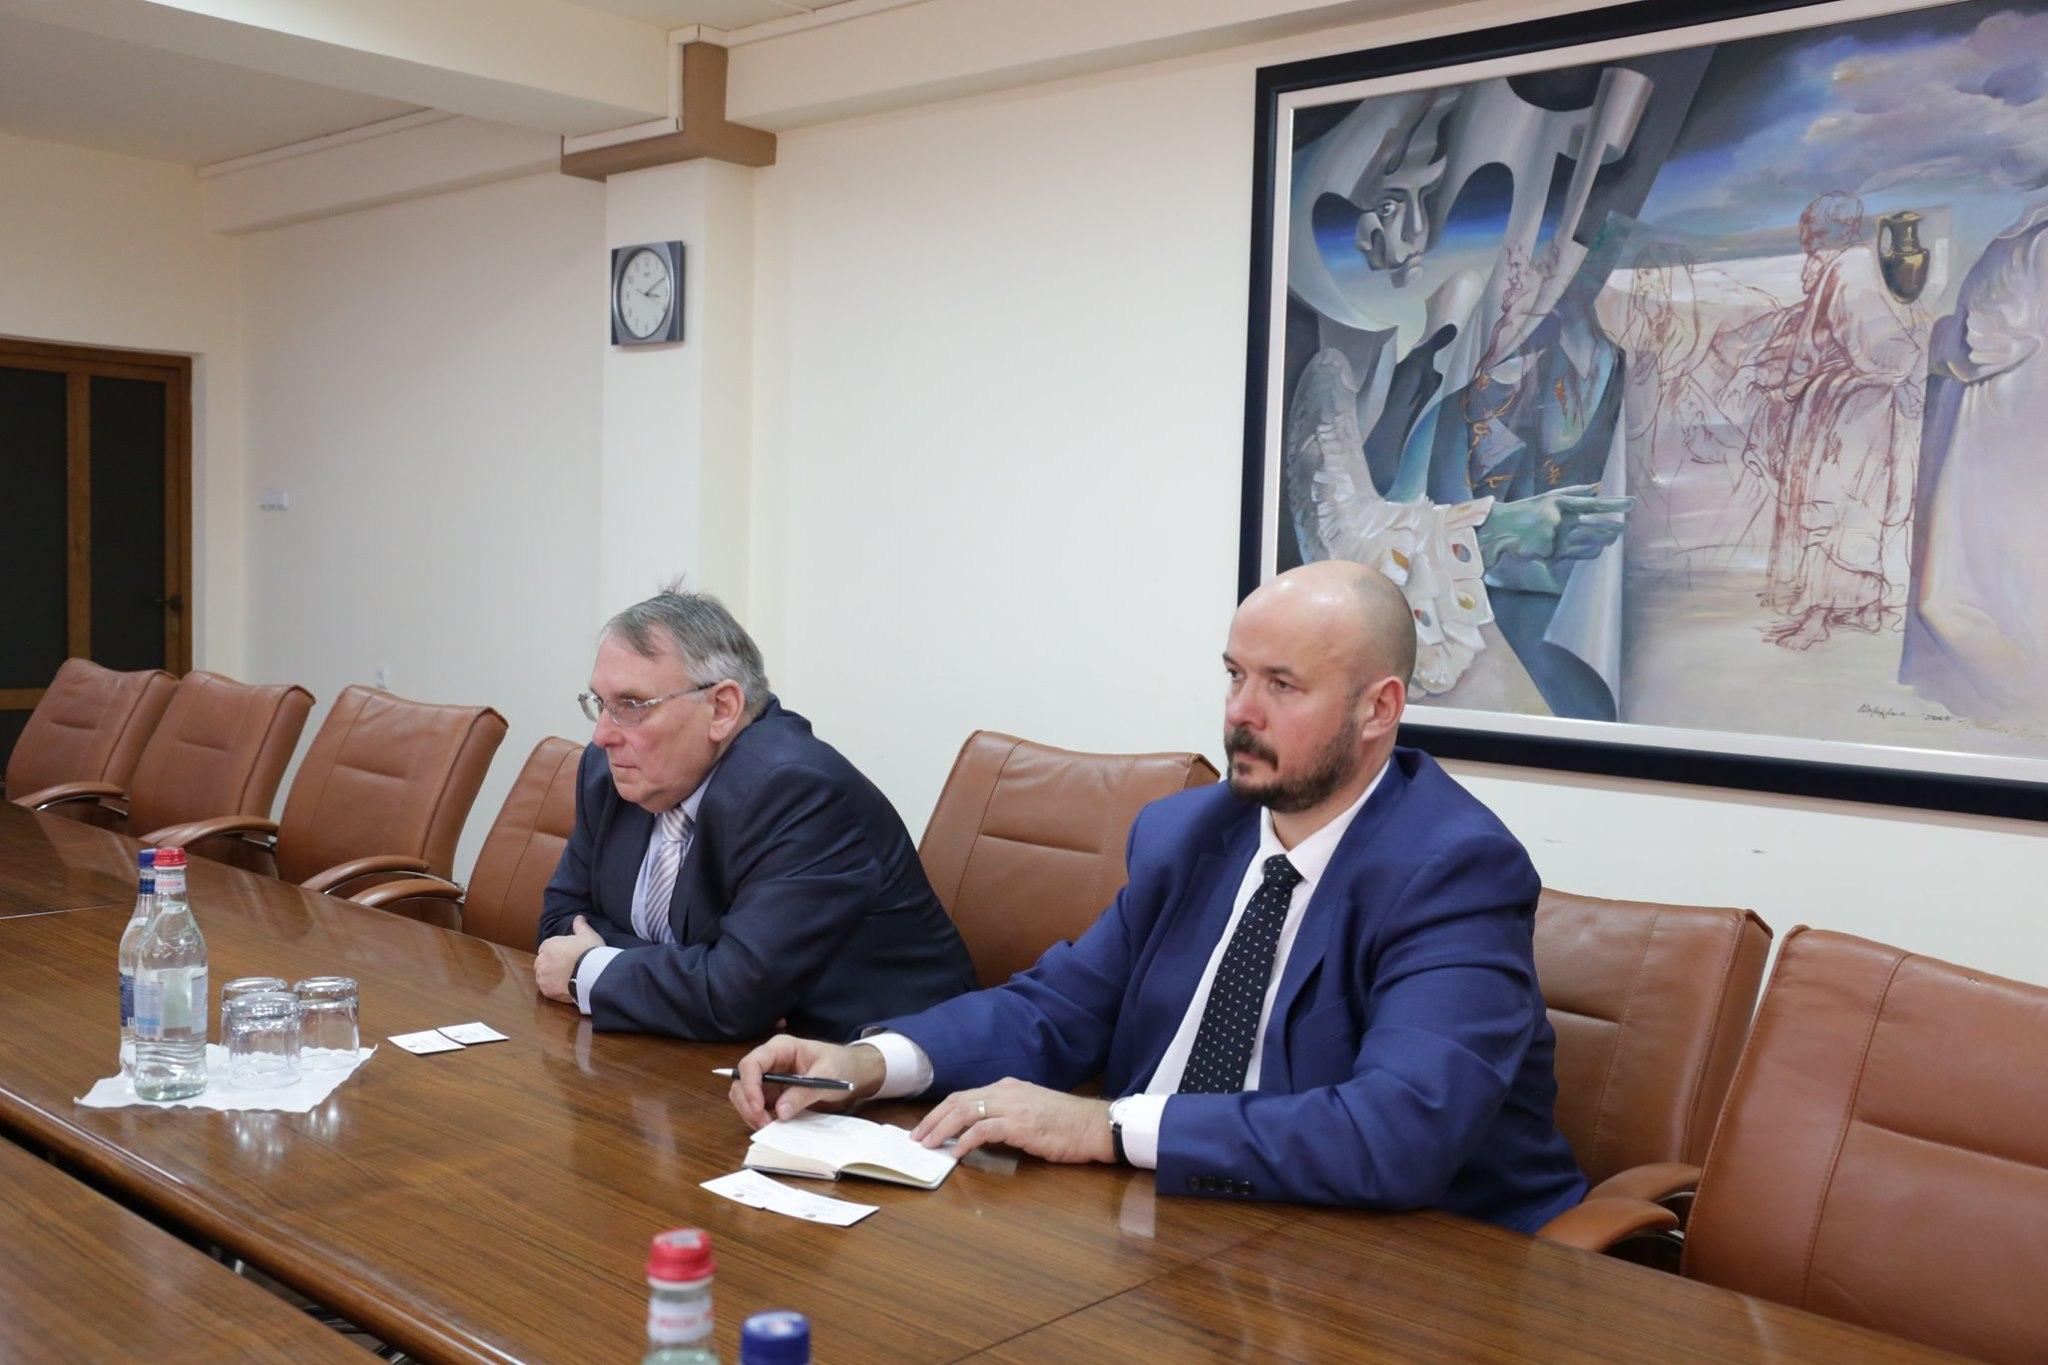 Քննարկվել են հայ-չեխական տնտեսական համագործակցության ակտիվացմանն առնչվող հարցեր